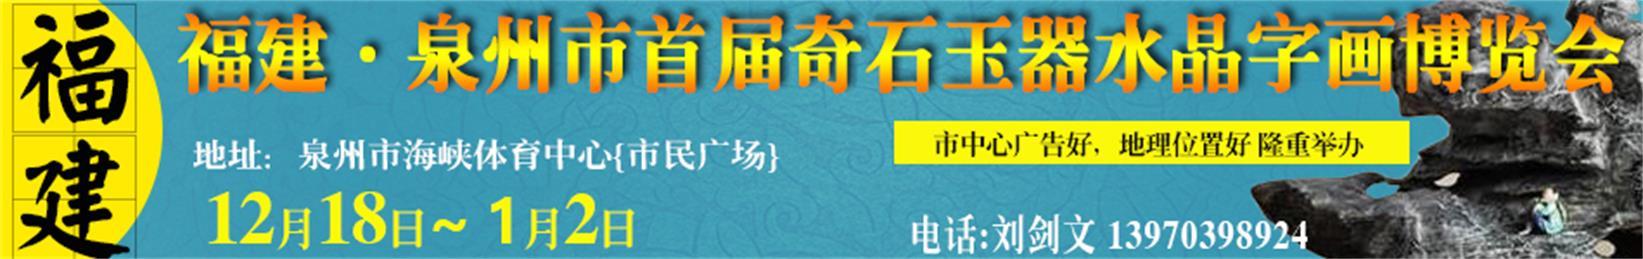 天津彩世界app苹果下载展